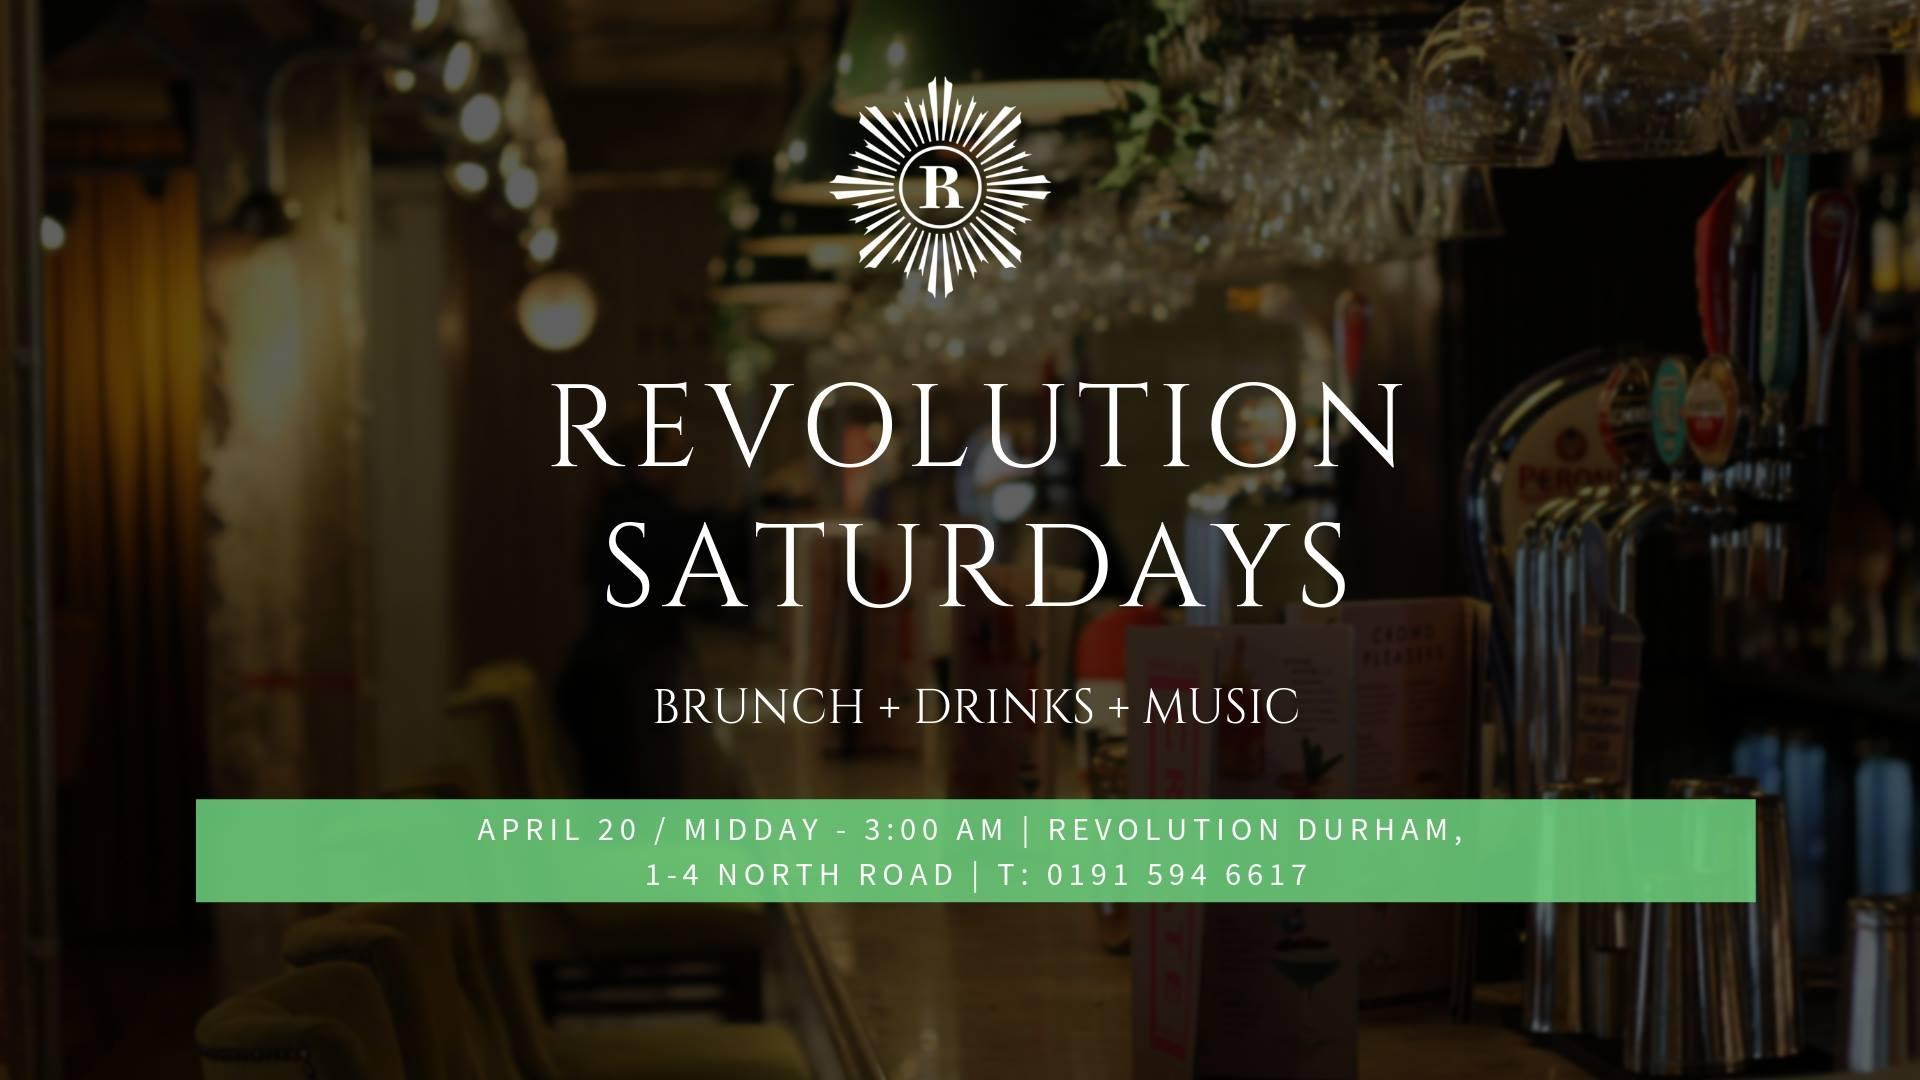 Revolution Saturdays on Sat 7th Sep 2019 at Revolution